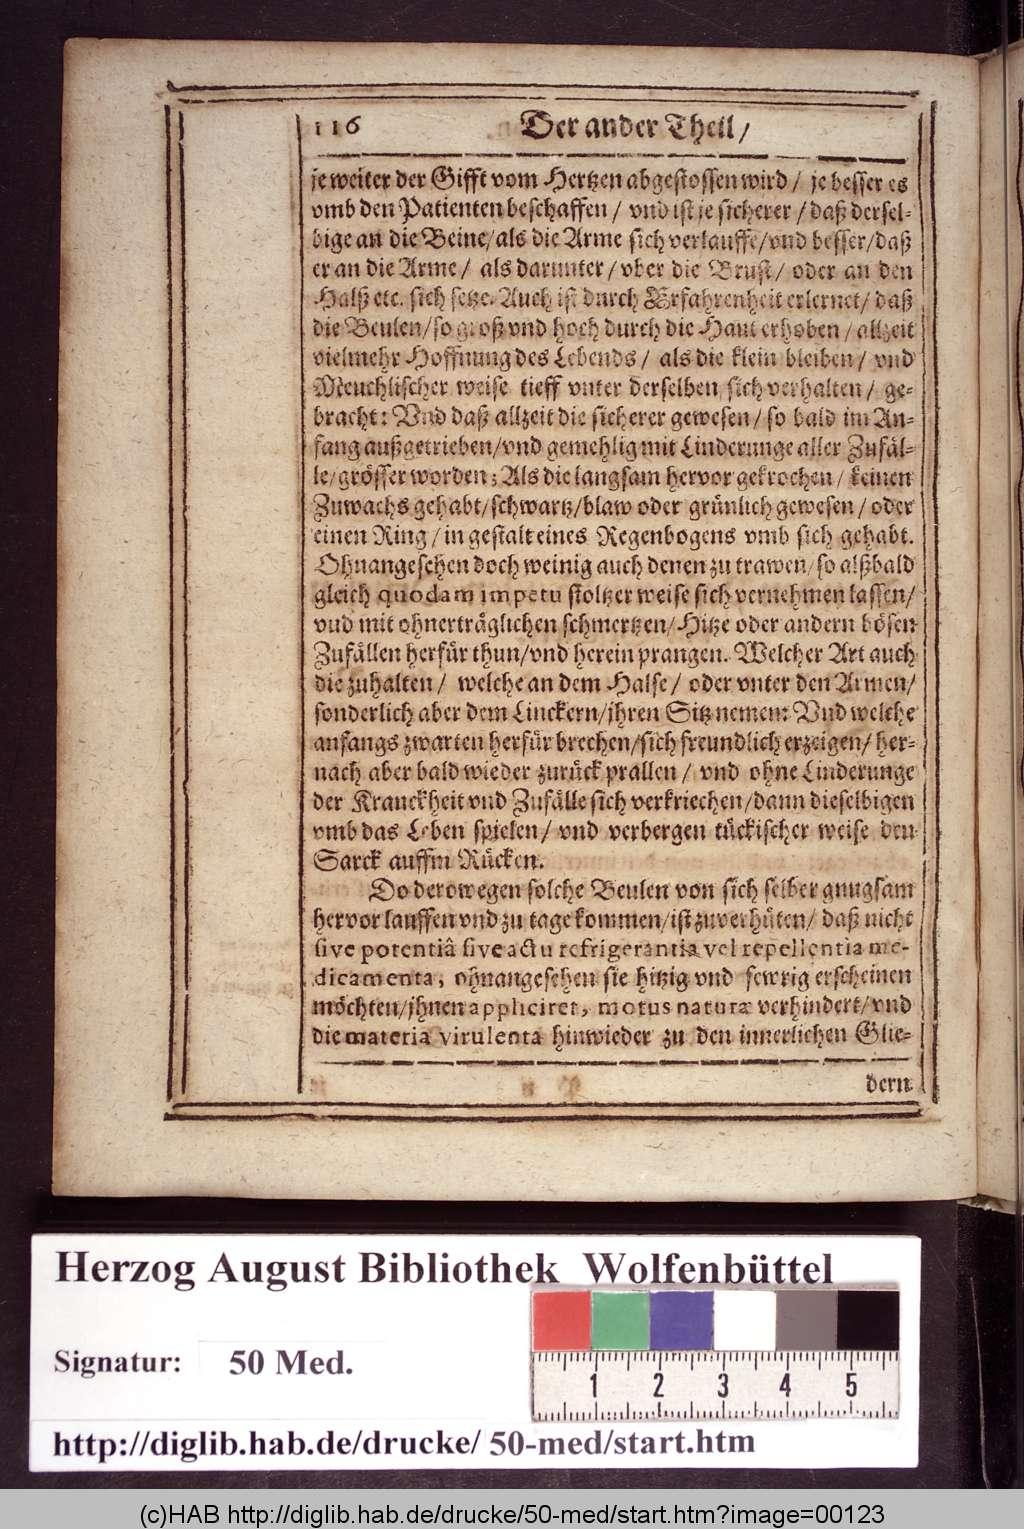 http://diglib.hab.de/drucke/50-med/00123.jpg